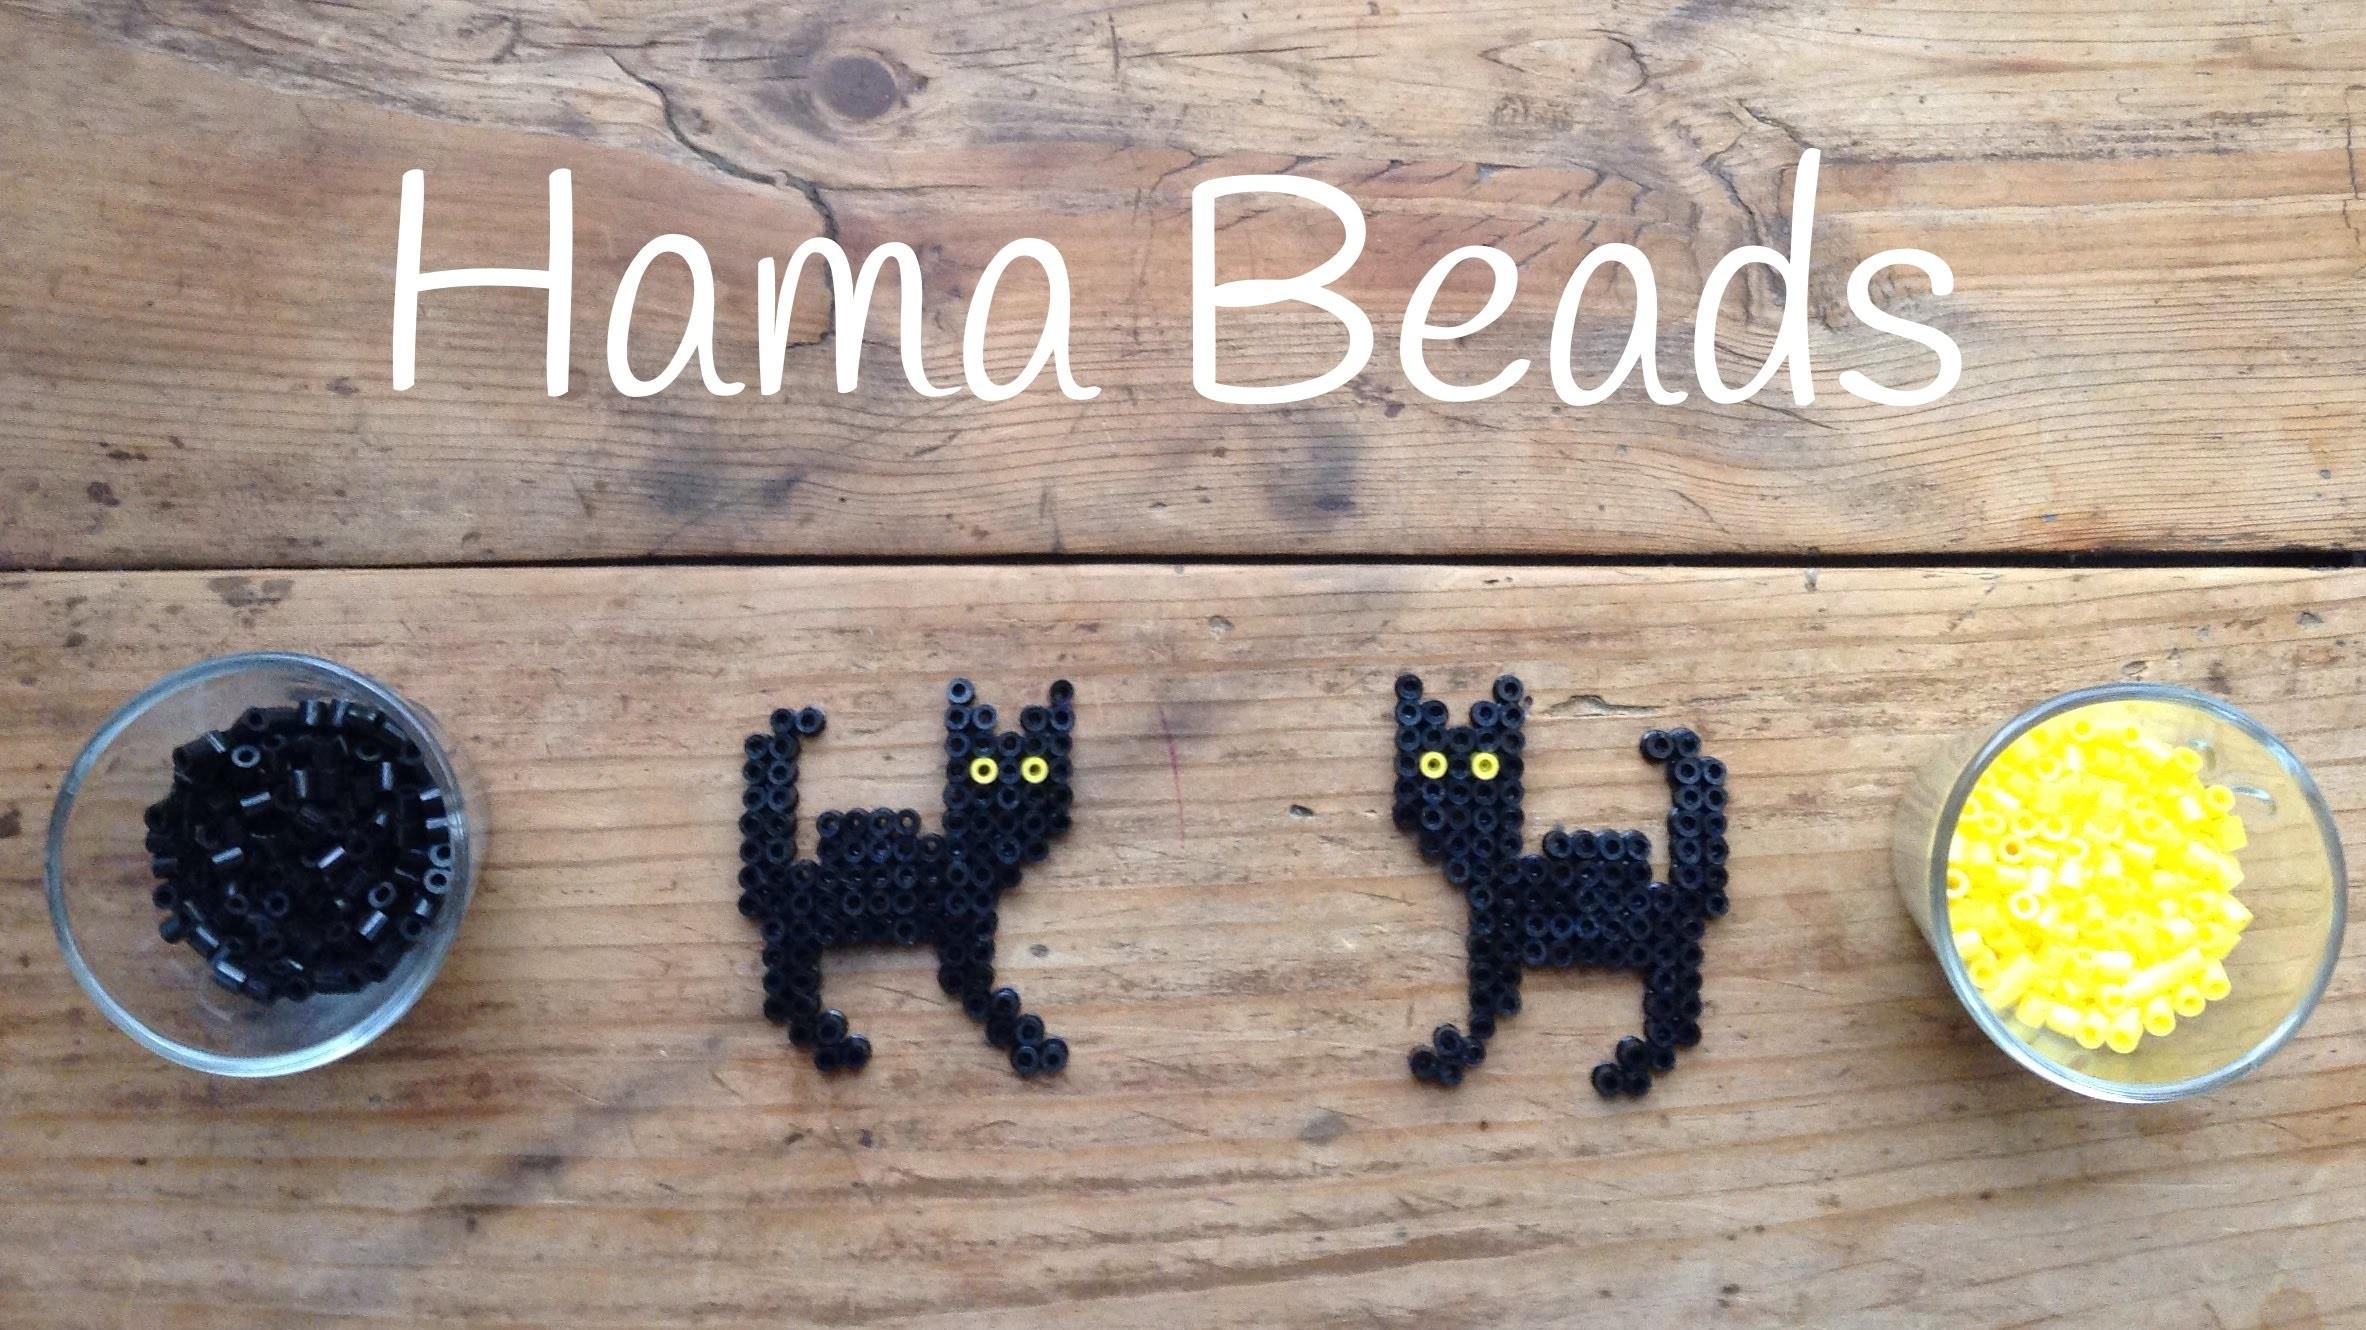 Gato de hama beads para Halloween